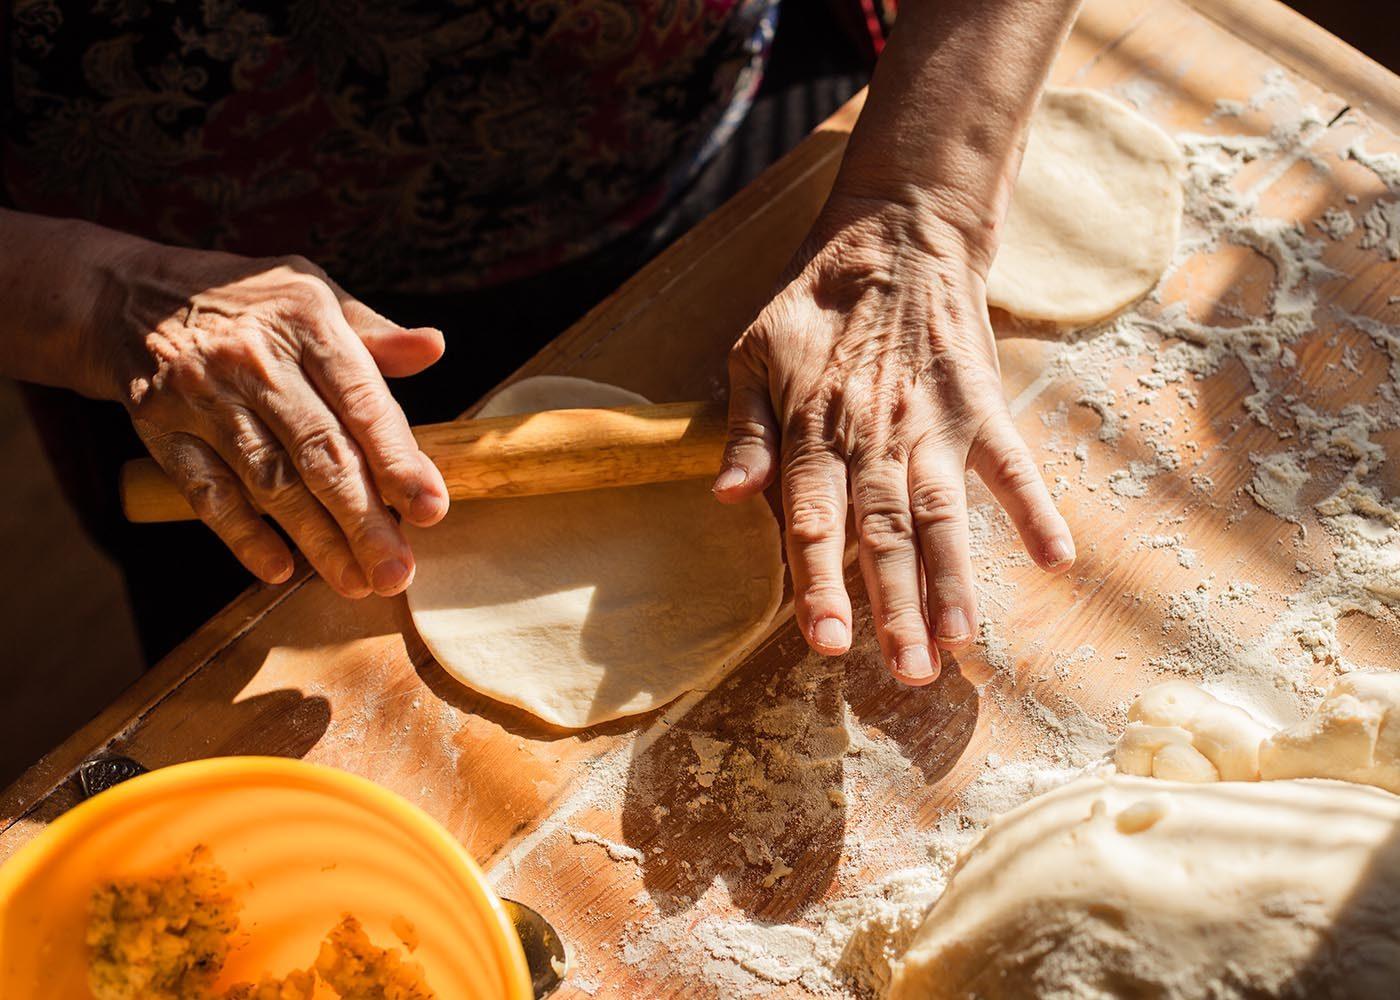 Demandez à vos grands-parents quelles recettes familiales vous devriez connaitre.